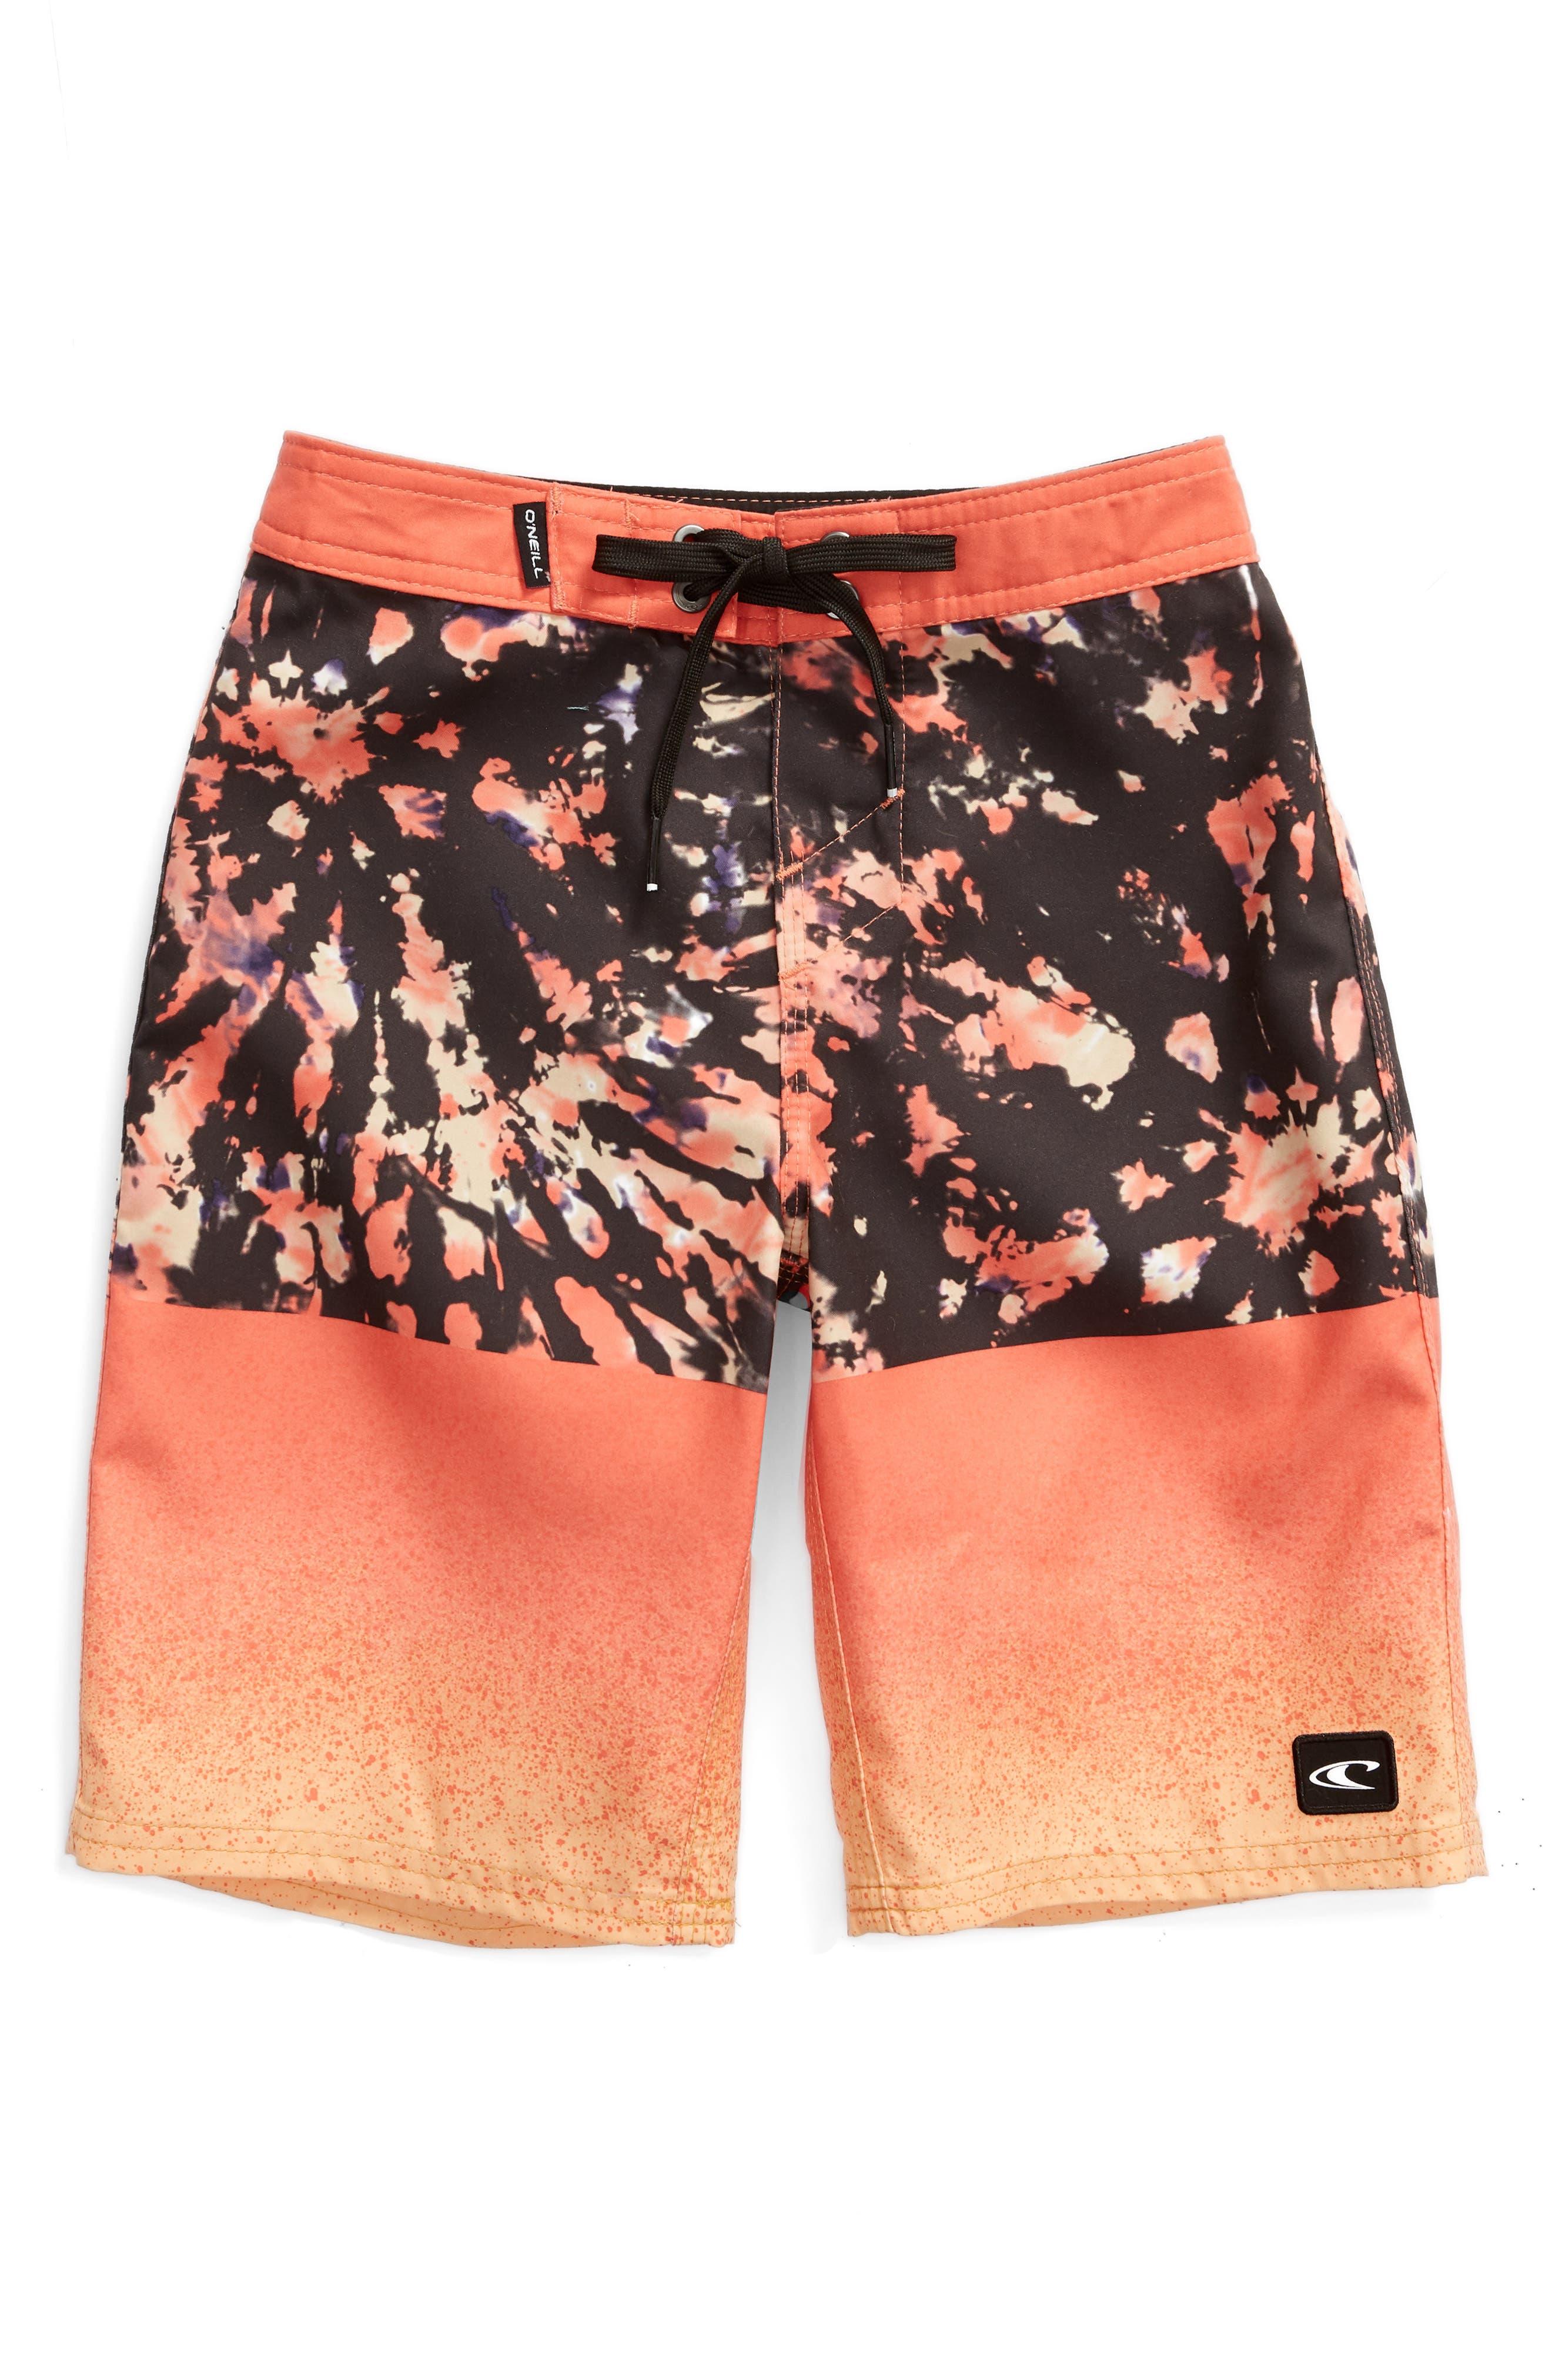 O'NEILL, Radiocool Board Shorts, Main thumbnail 1, color, CORAL